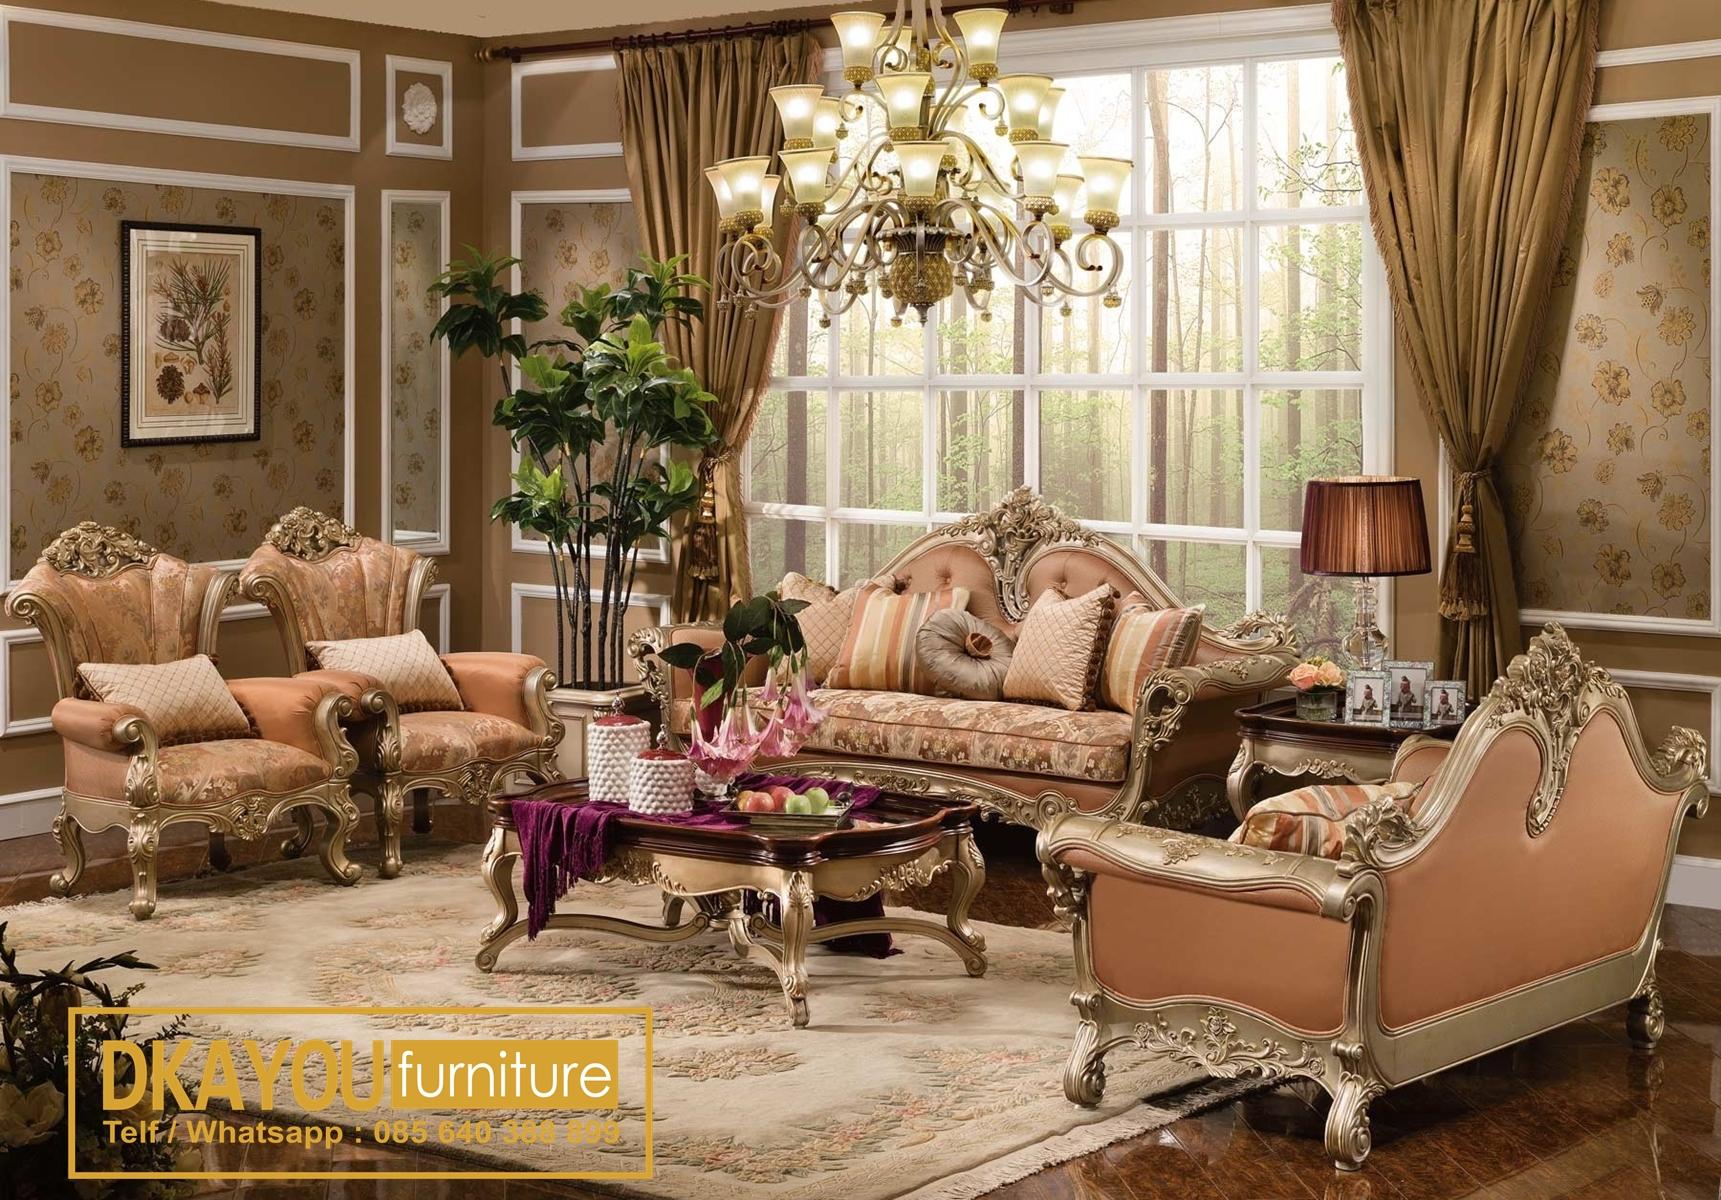 Sofa Mewah Klasik Set Ruang Tamu Mewah Terbaru Klasik Mewah Sksrt 437 Df Dkayou Furniture Indonesia Ruang tamu mewah klasik